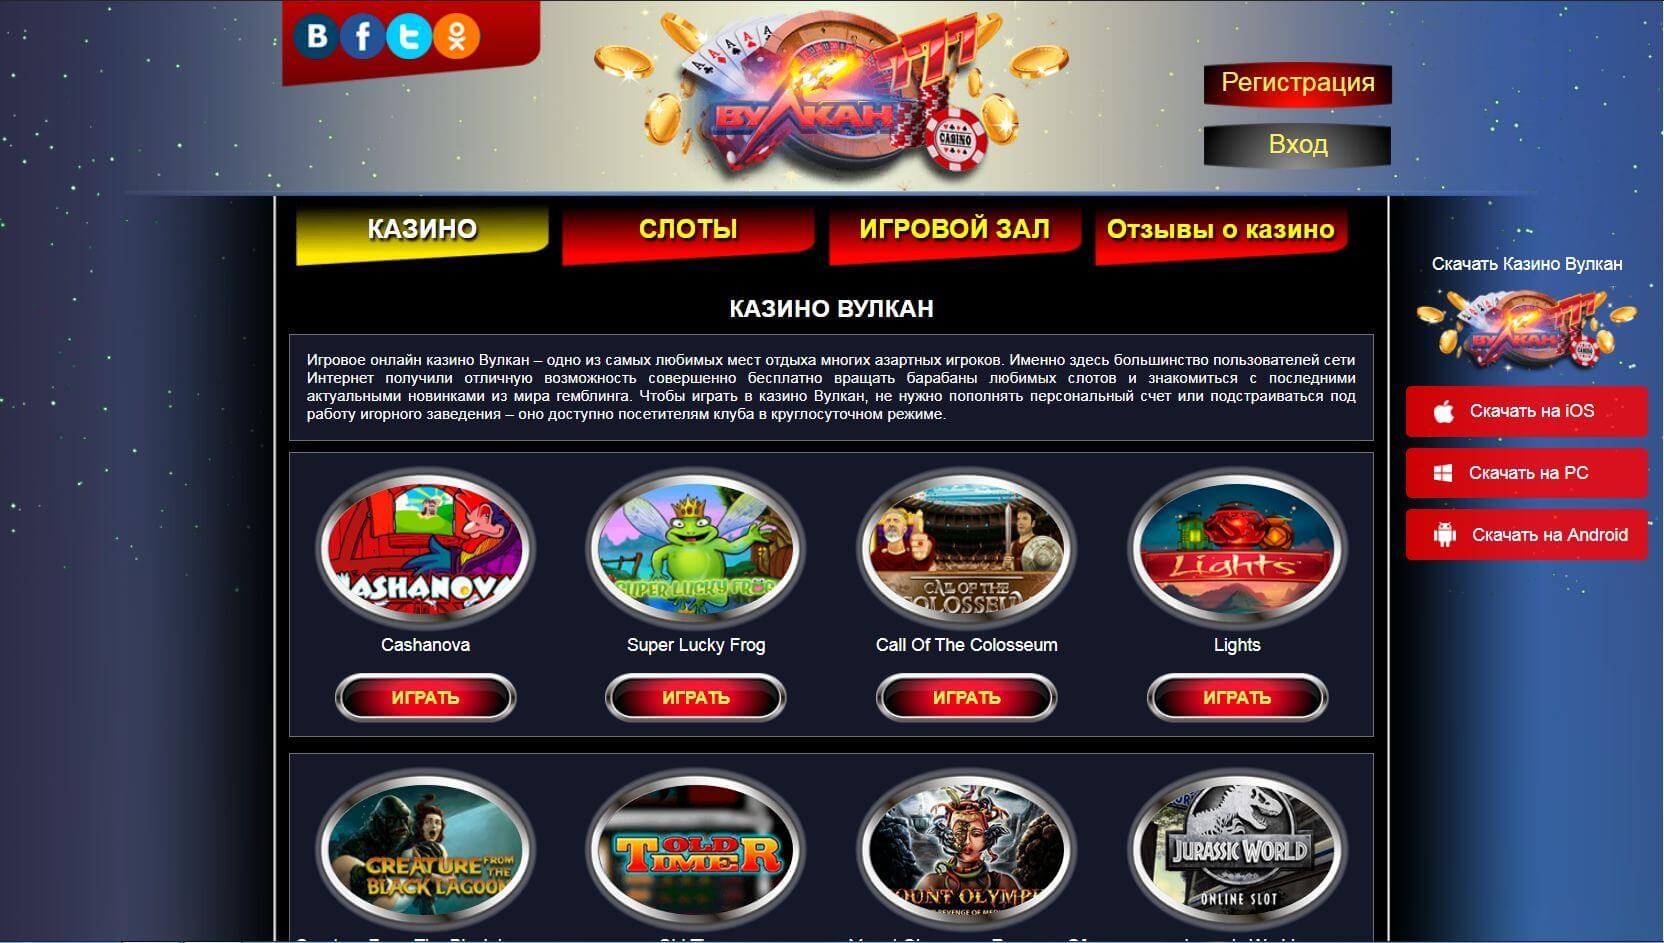 Играть онлайн бесплатно без регистрации игровые автоматы слоты китайские